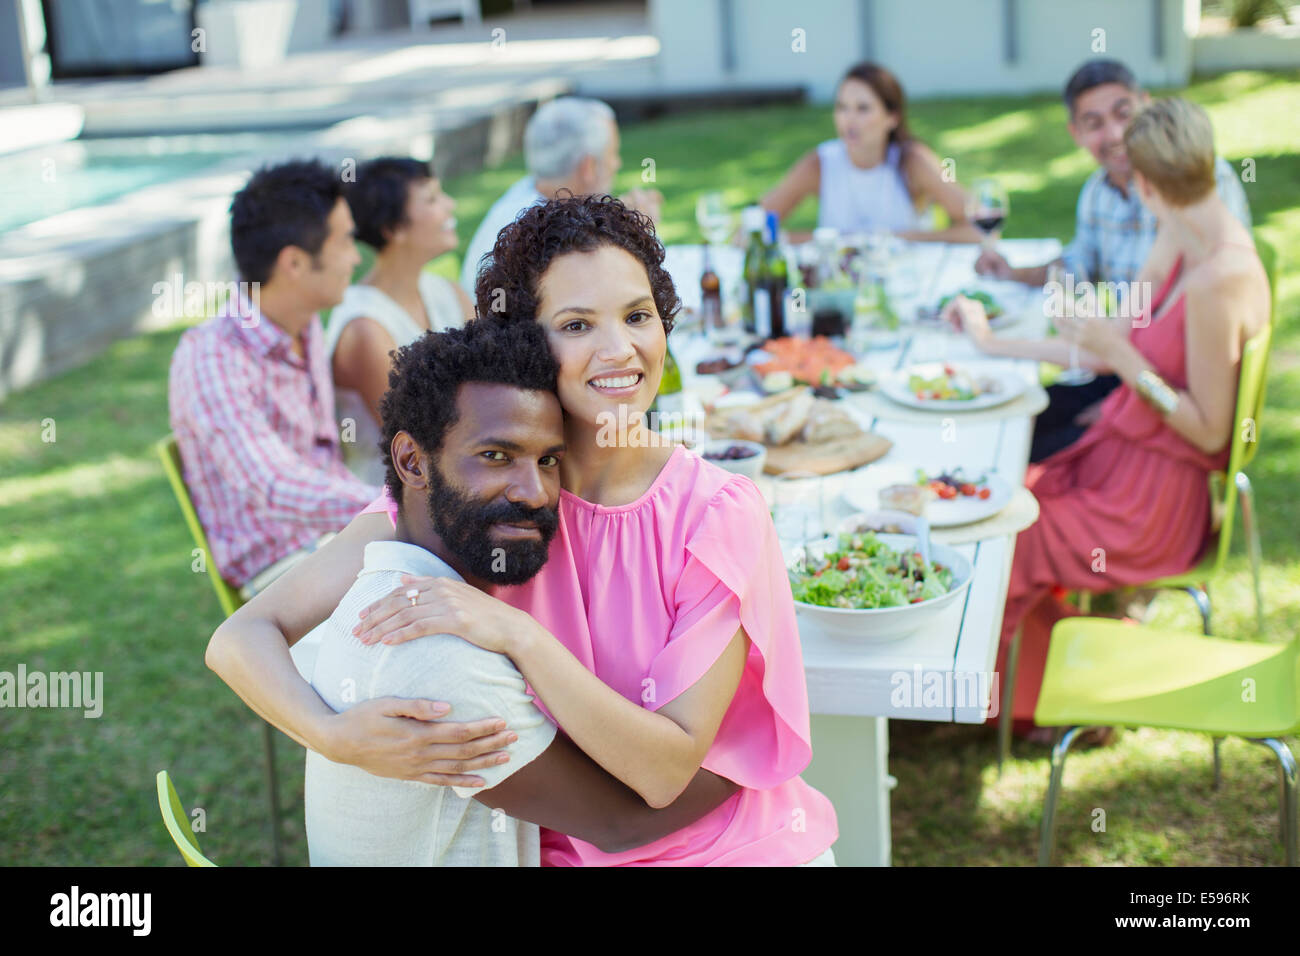 Giovane costeggiata a tavola all'aperto Immagini Stock